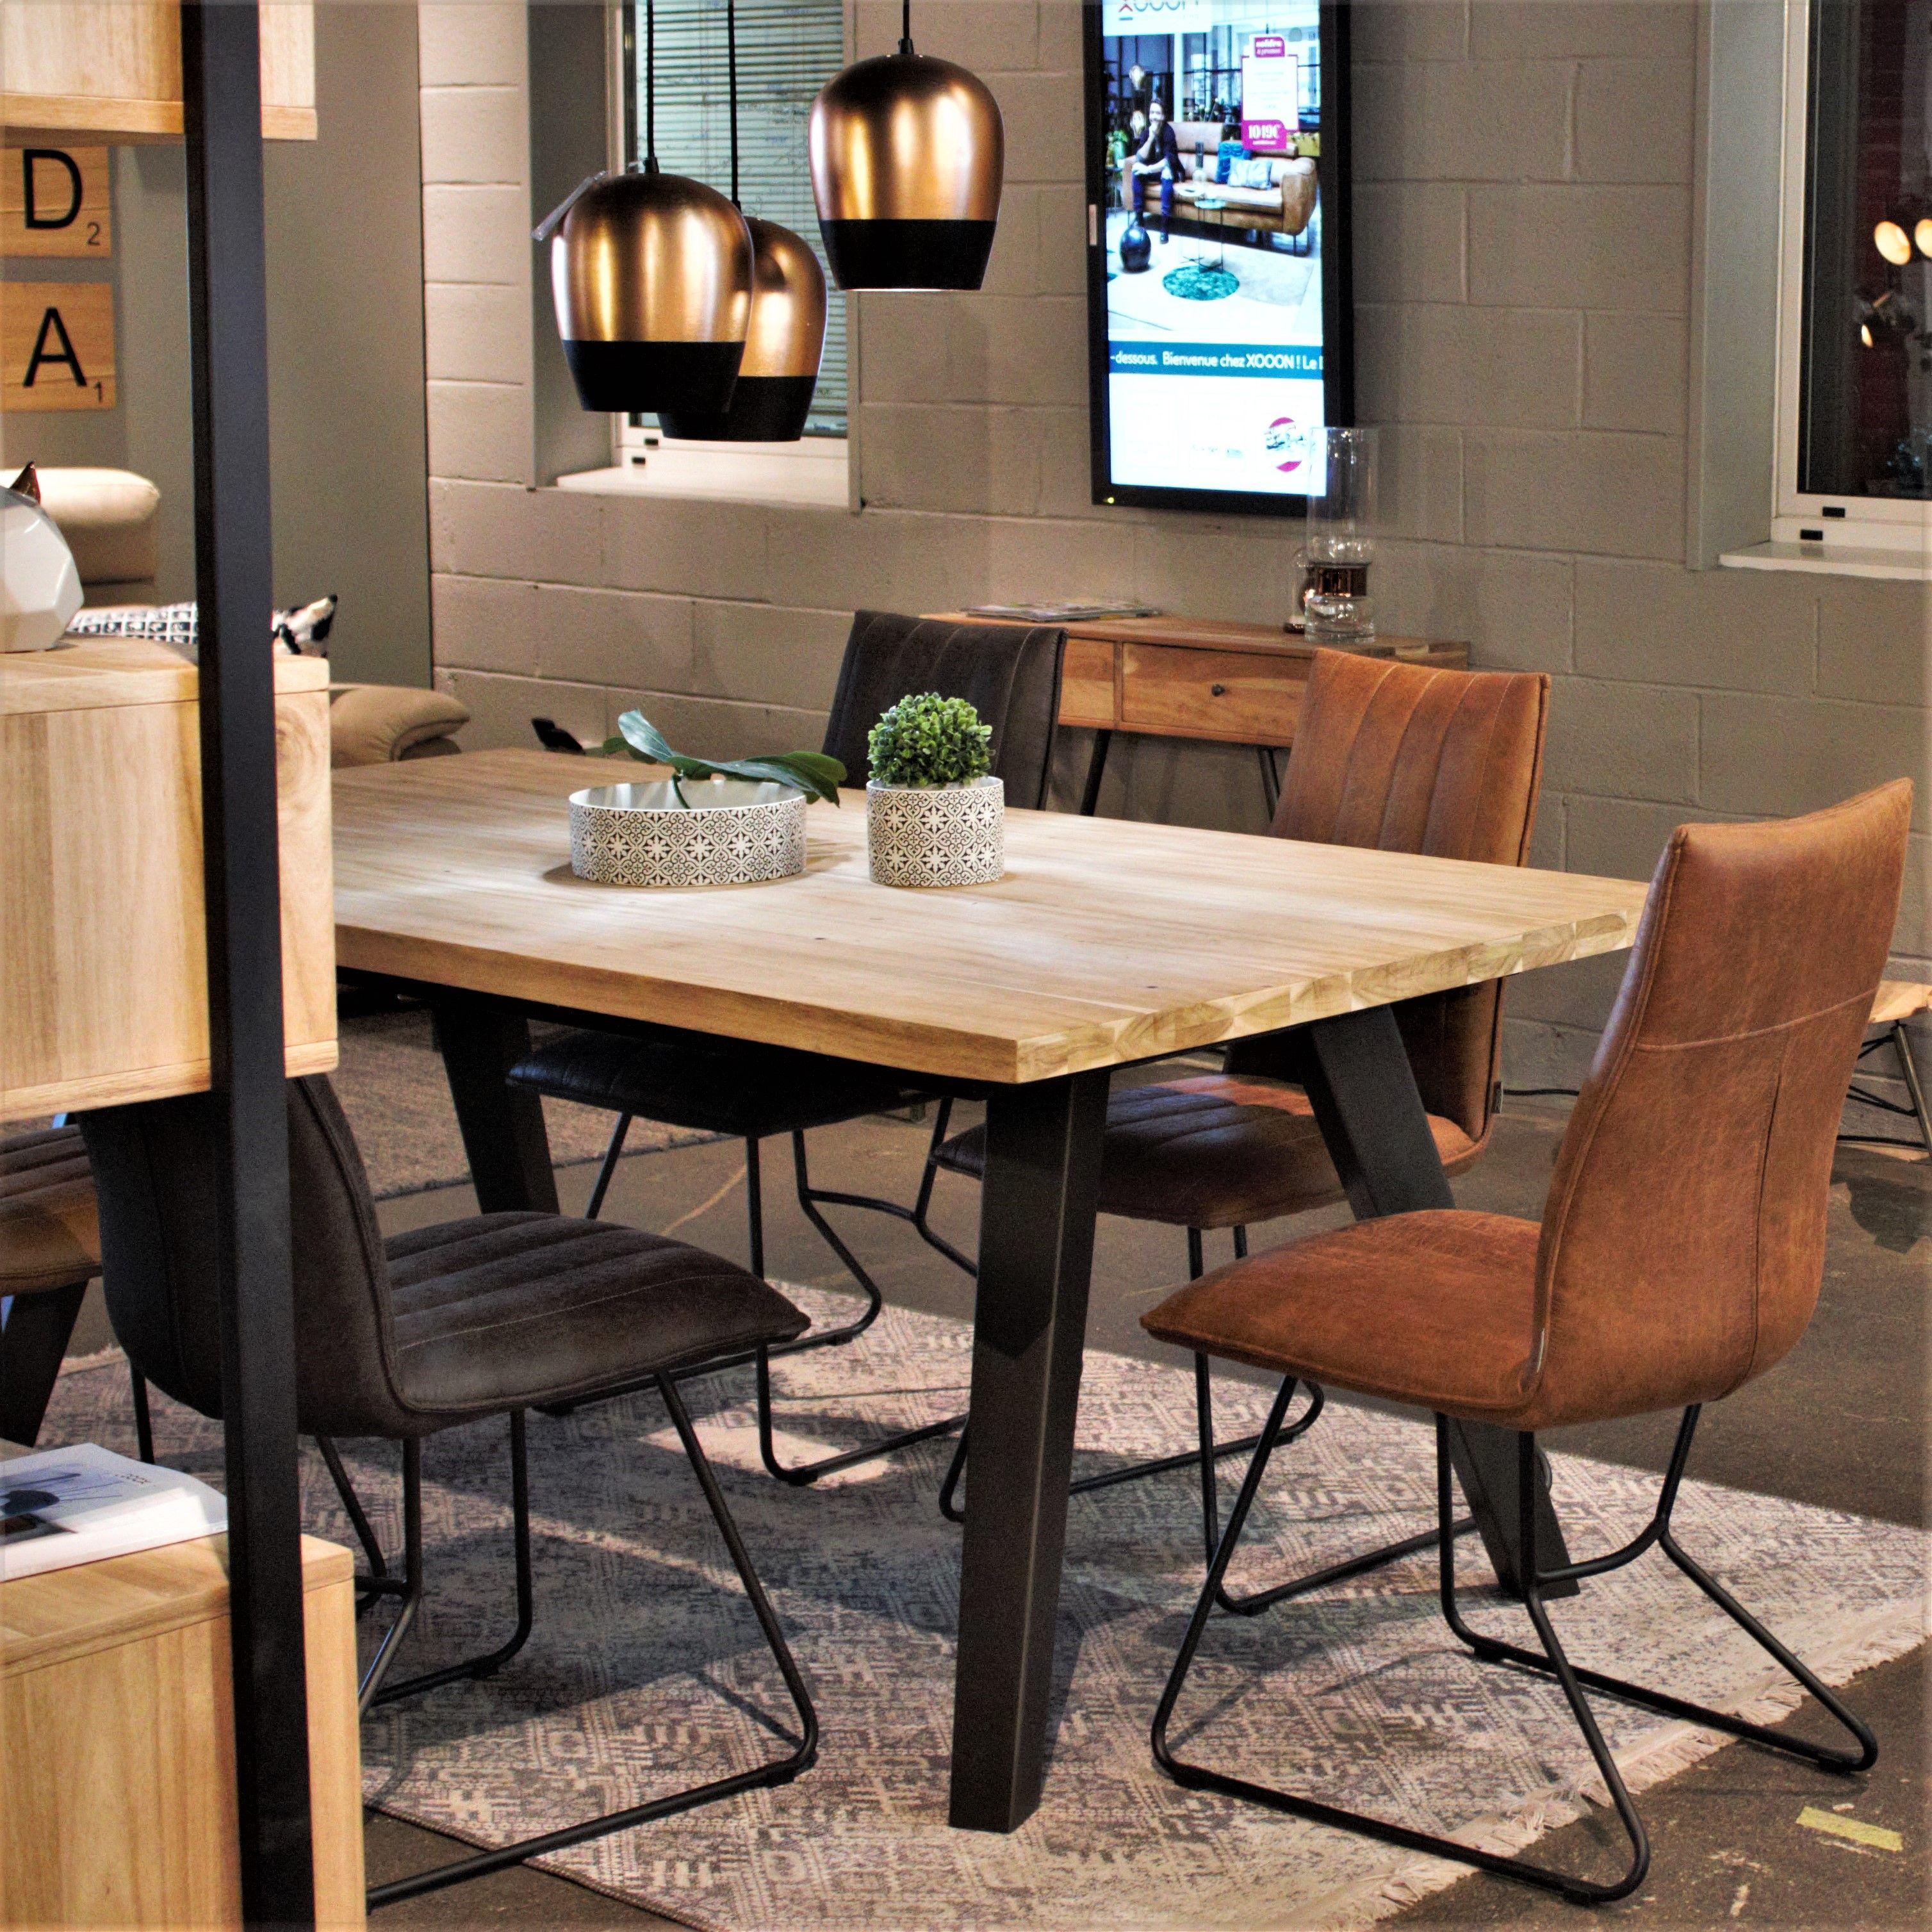 Melangez Les Materiaux Pour Une Nouvelle Harmonie Deco Danjouboda Homeconcept Tableindustrielle Styleindustriel Lu En 2020 Mobilier Design Cuisines Deco Deco